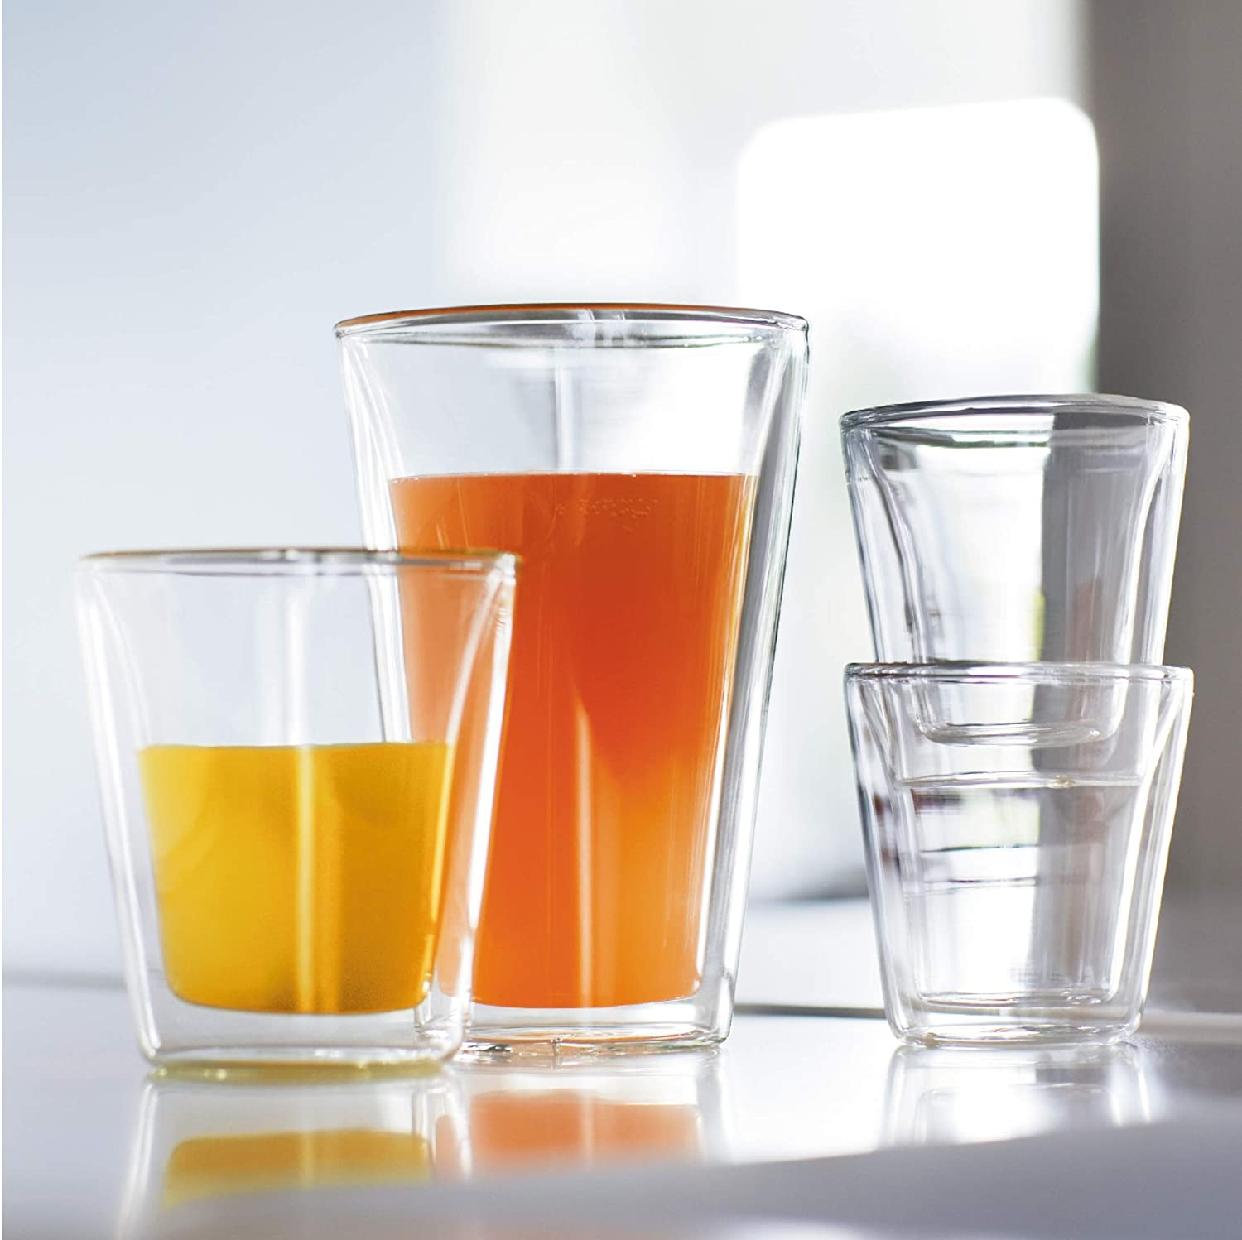 CANTEEN(キャンティーン) キャンティーン ダブルウォール グラスの商品画像7